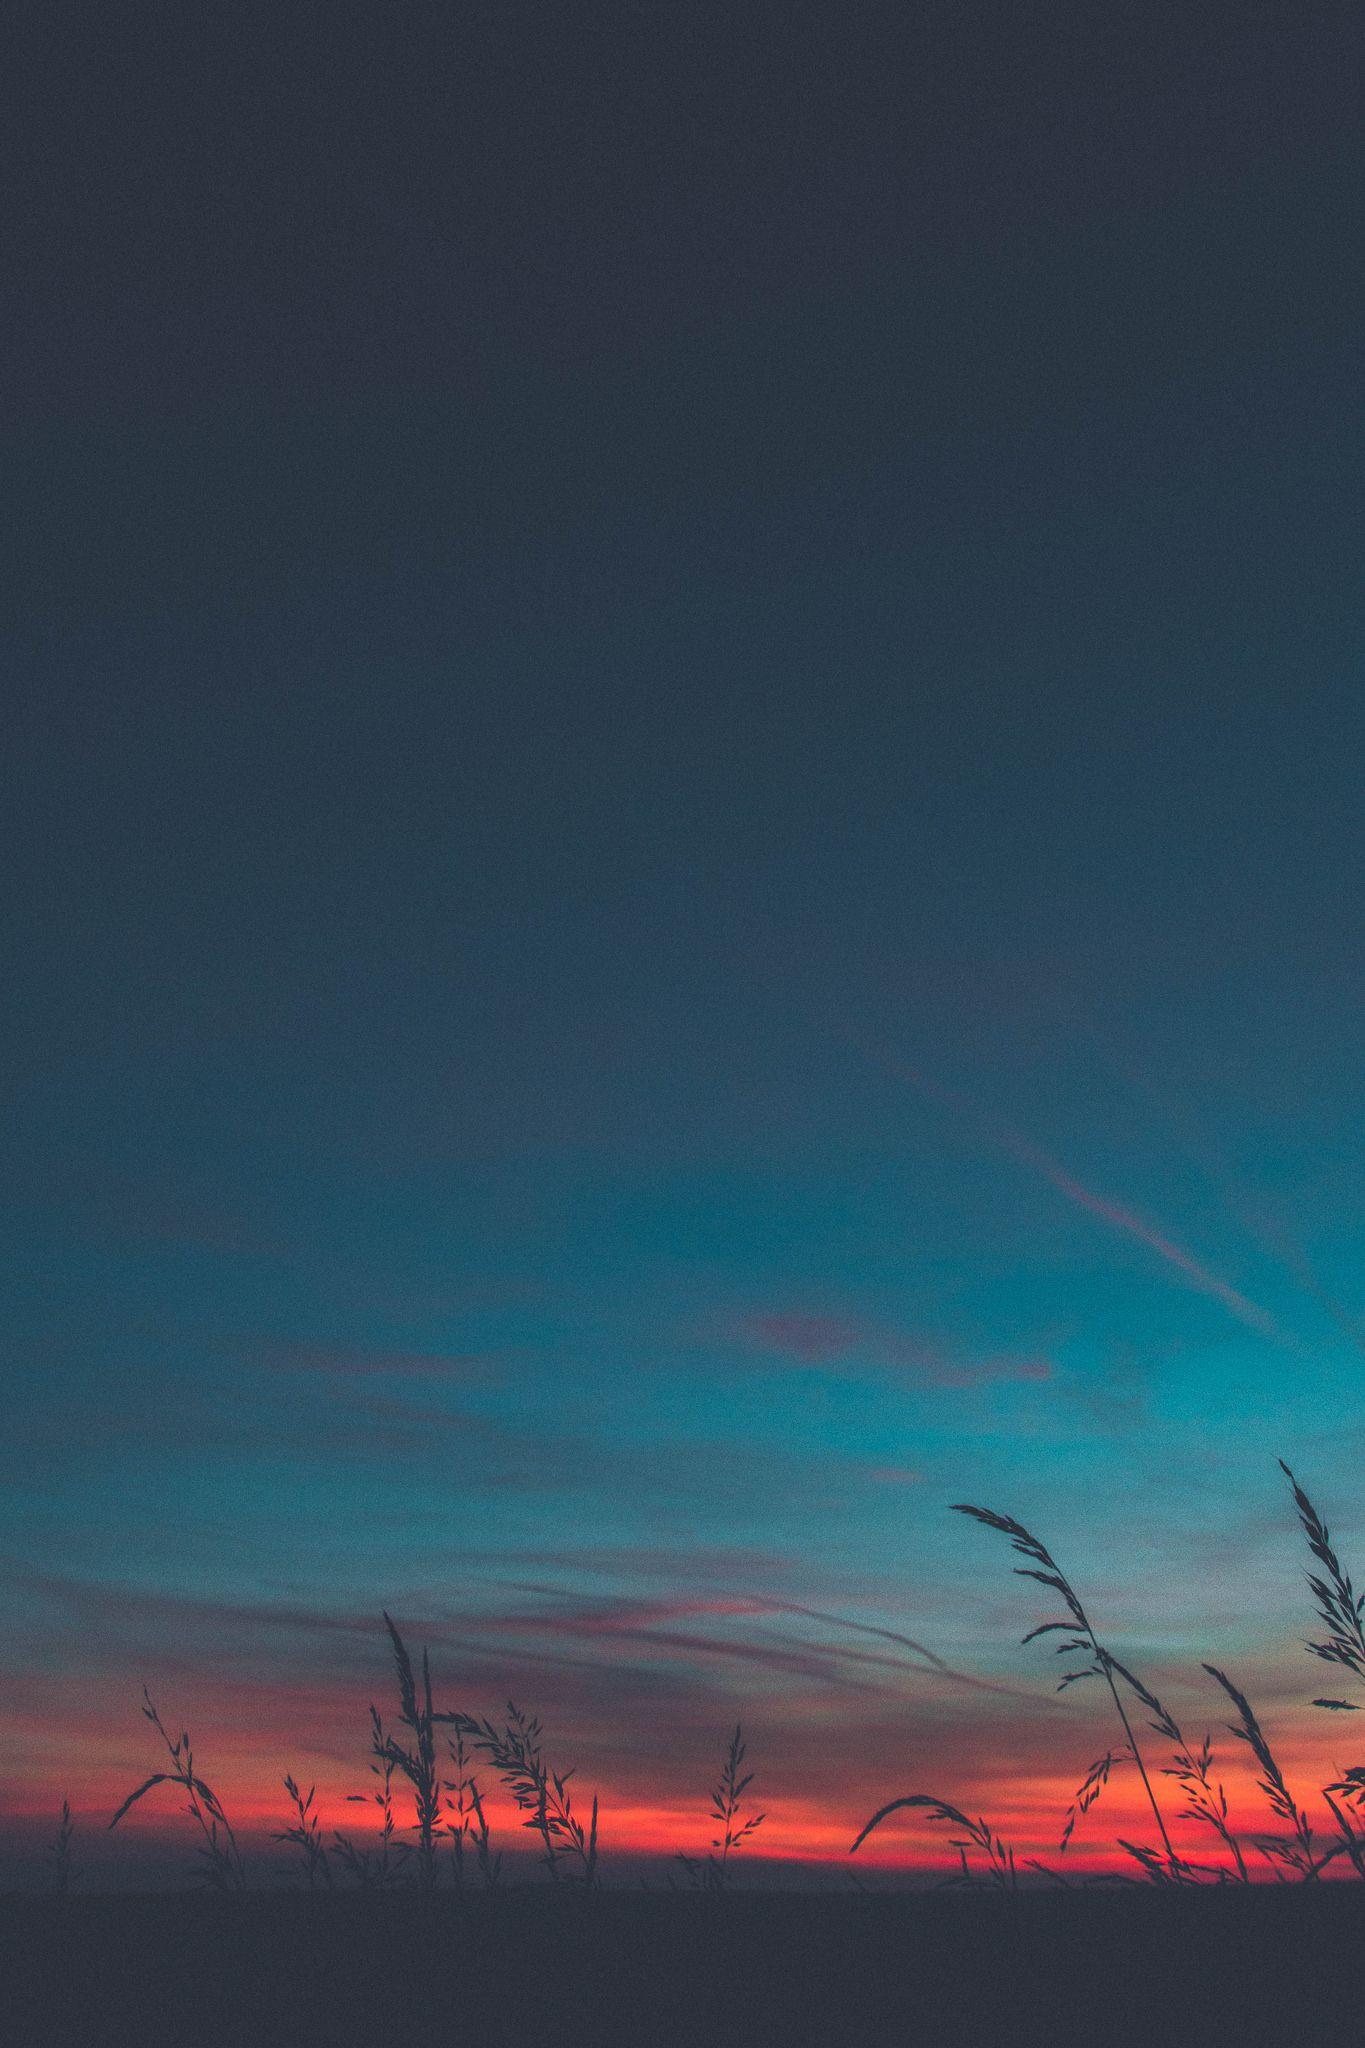 Endless Night Sky Aesthetic Sunset Wallpaper Beautiful Nature Wallpaper Hd wallpaper sky clouds sunset dusk